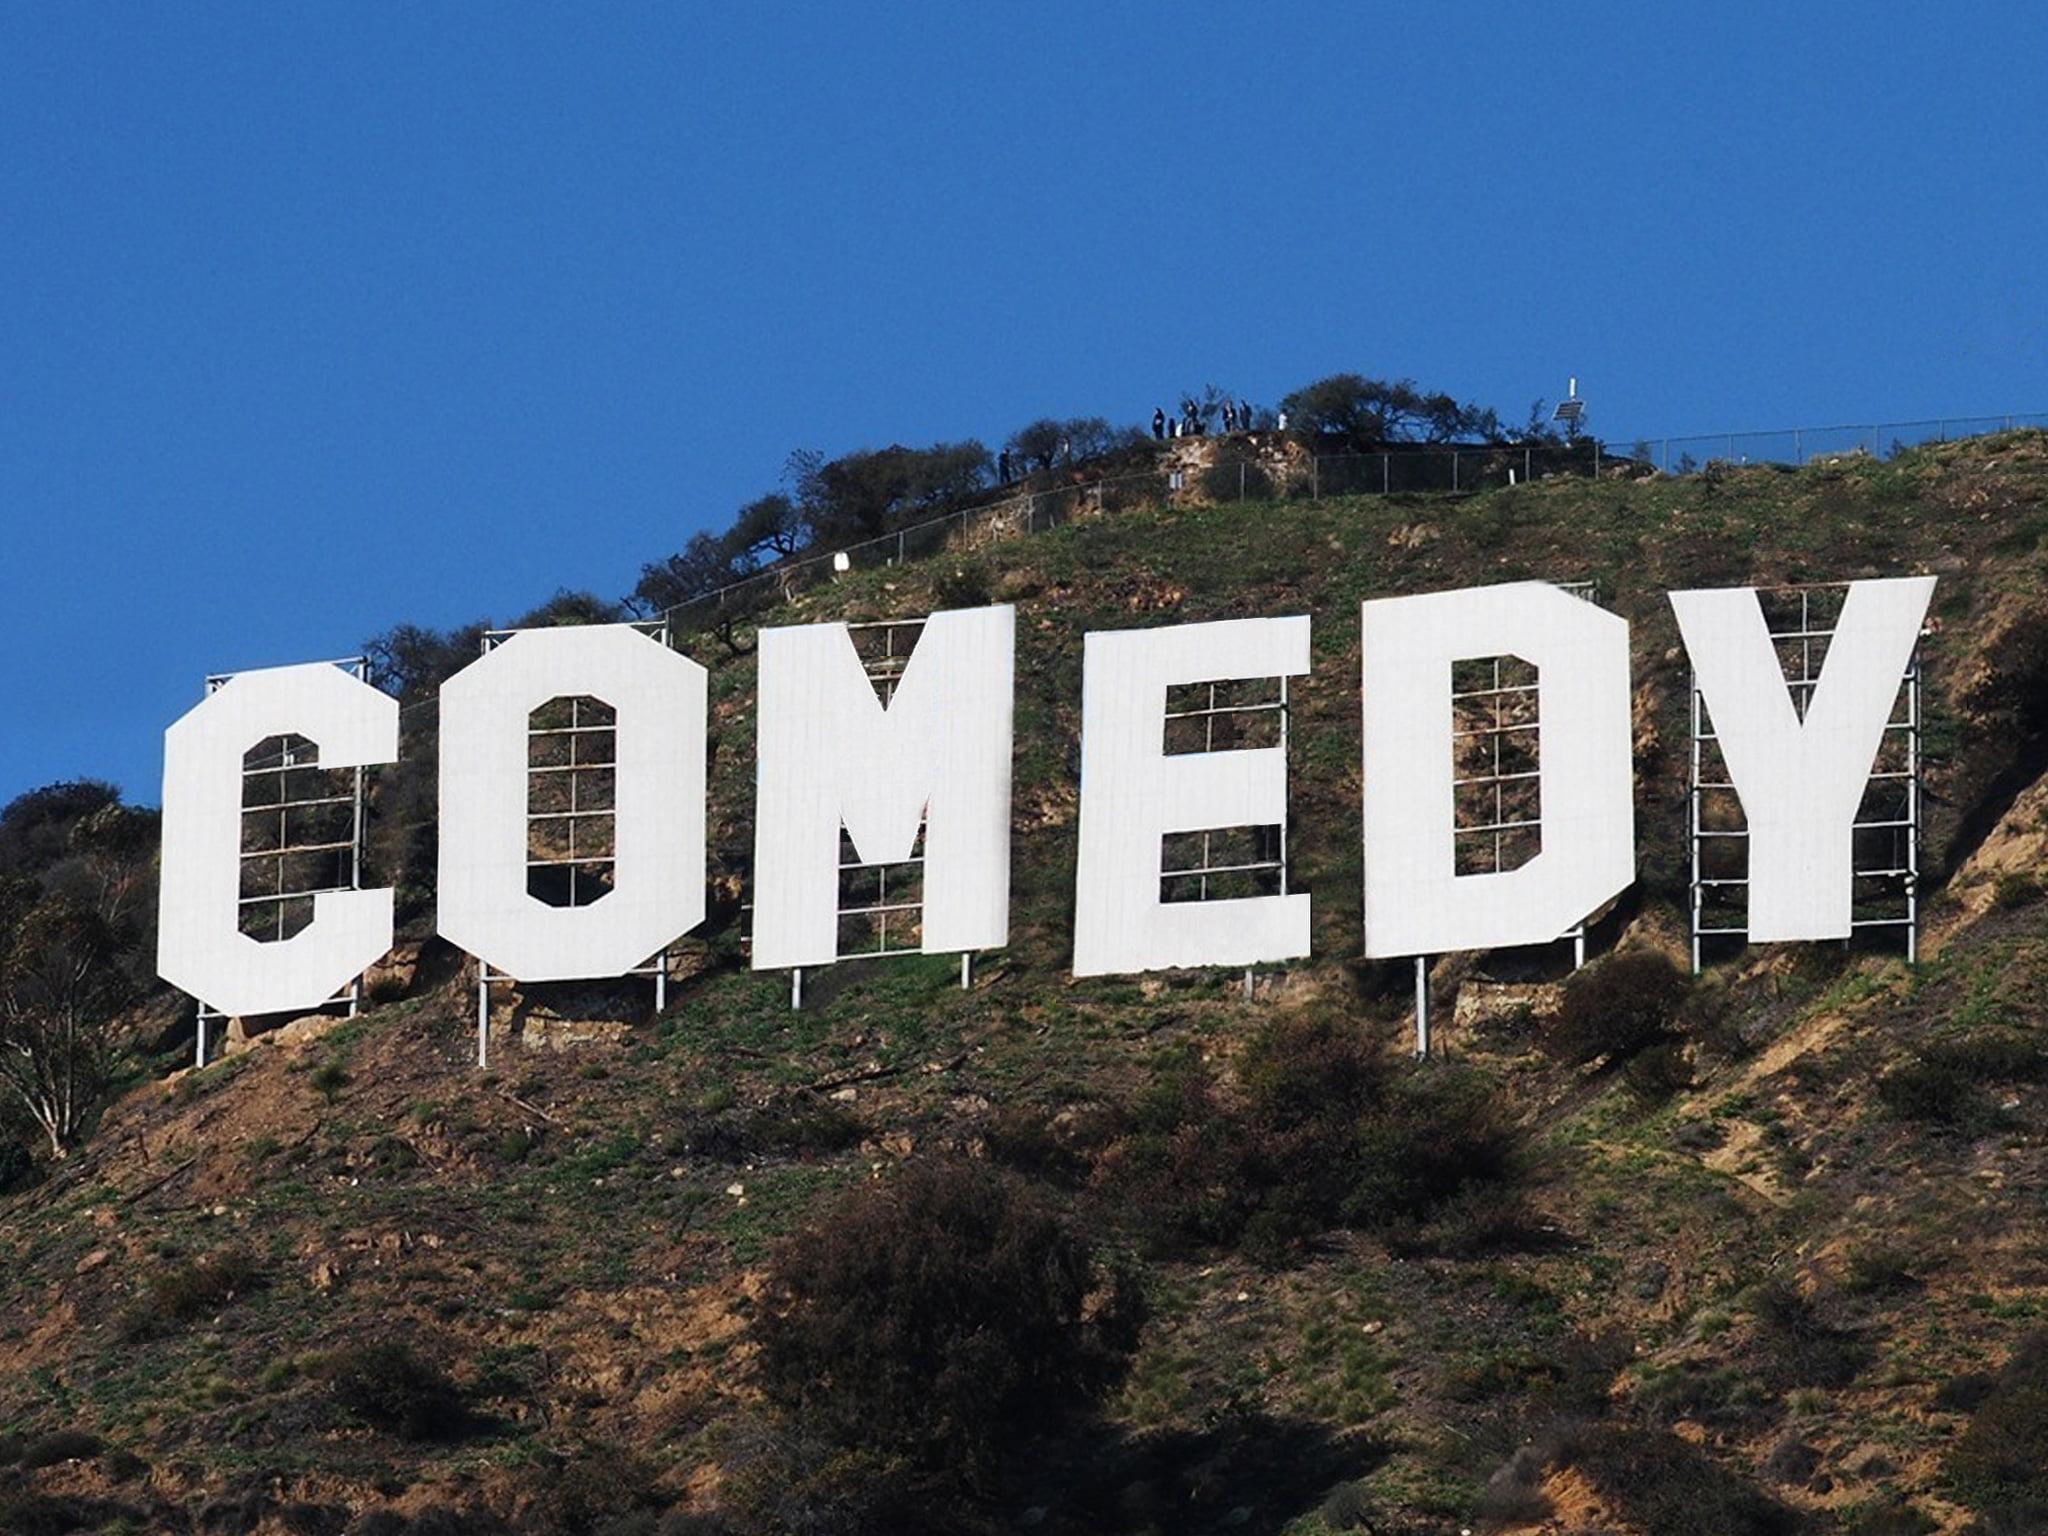 lifestyle-people.com - Daftar 5 Film Komedi Terbaik